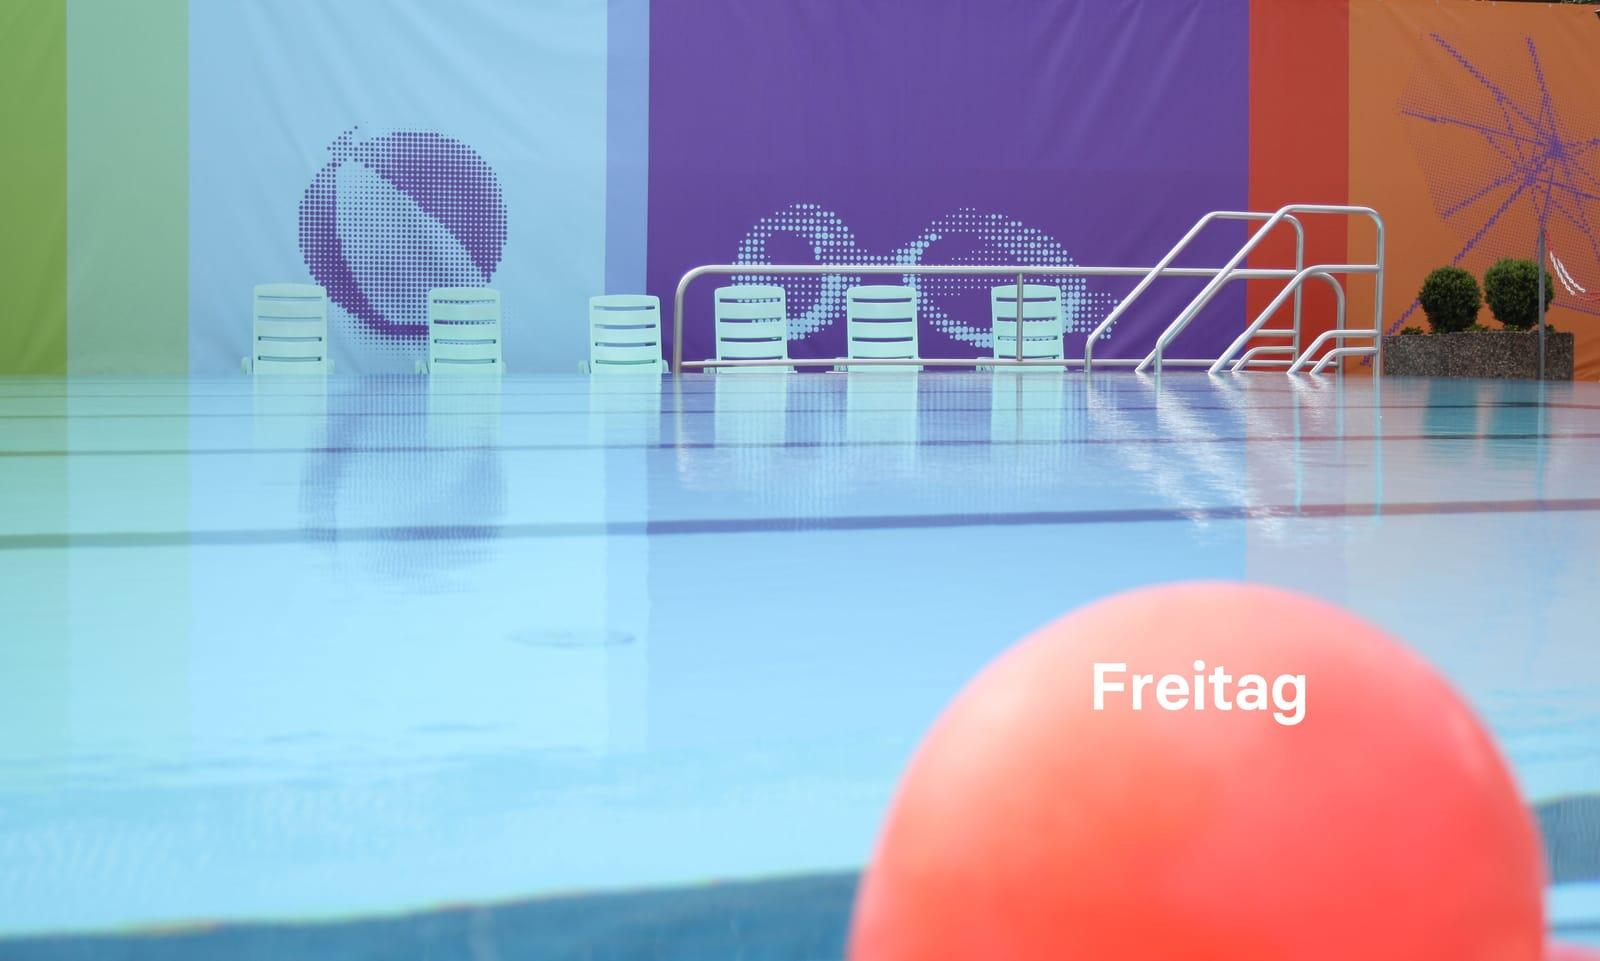 Freibad Metzingen (03.07.2020)